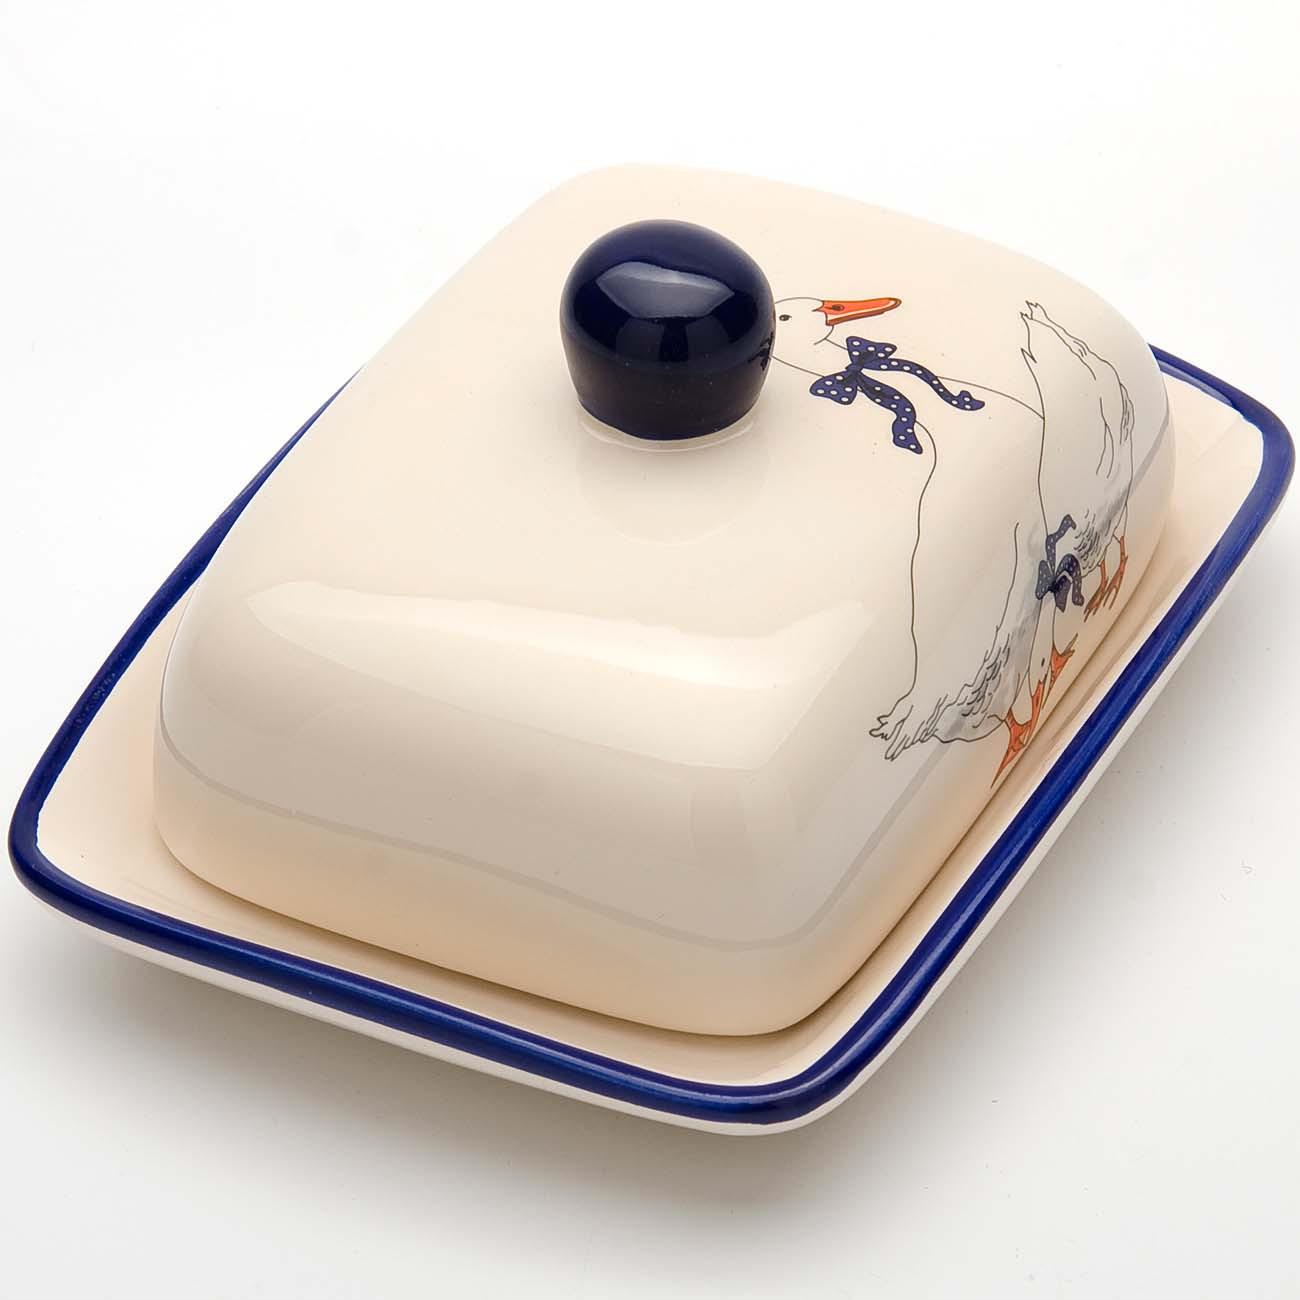 Масленка Loraine Гуси, цвет: белый, синий, оранжевый масленка idea кристалл цвет оранжевый прозрачный